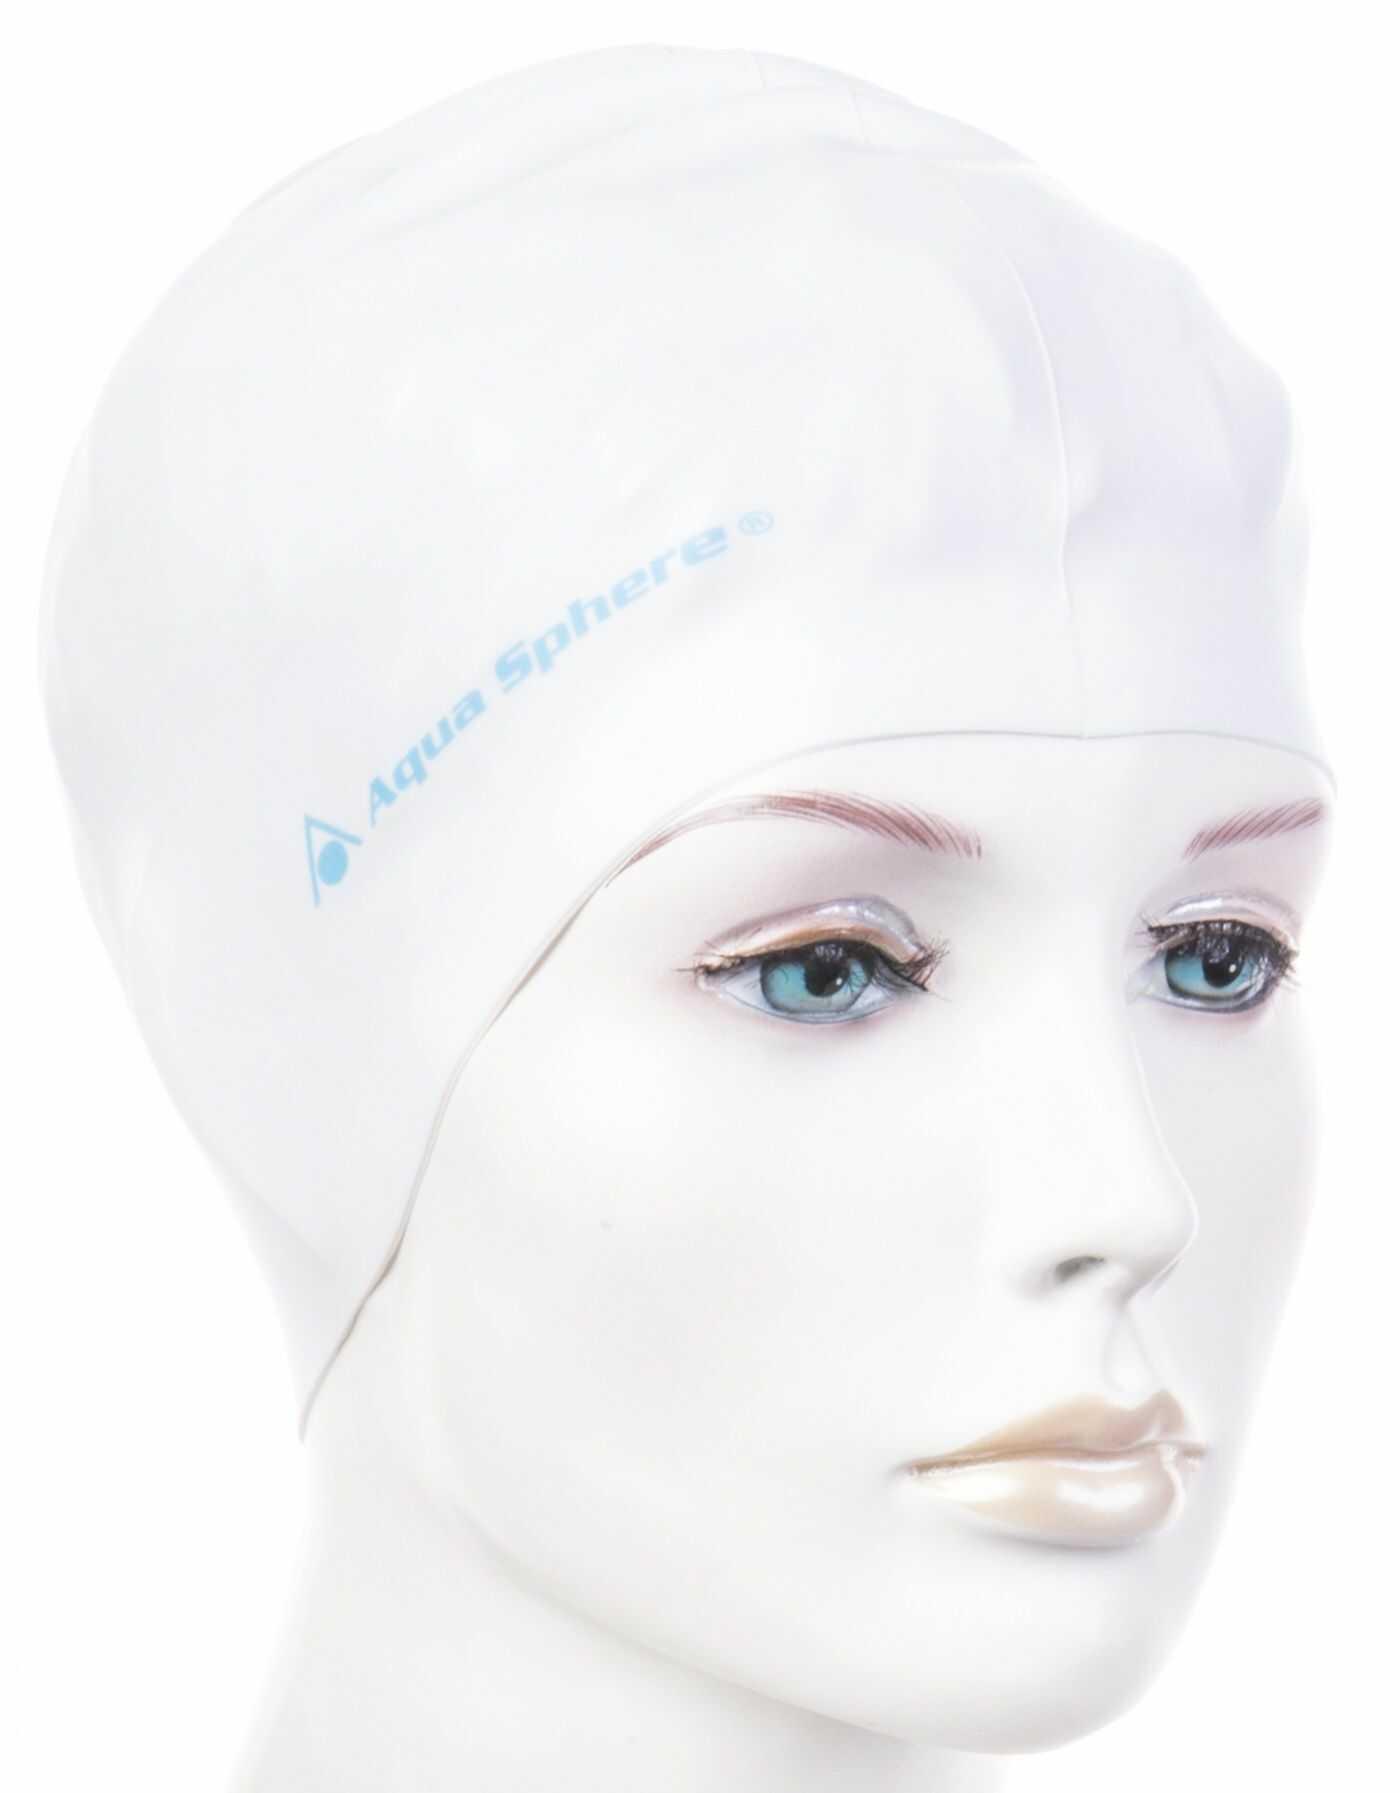 Czepek pływacki aqua sphere classic biały